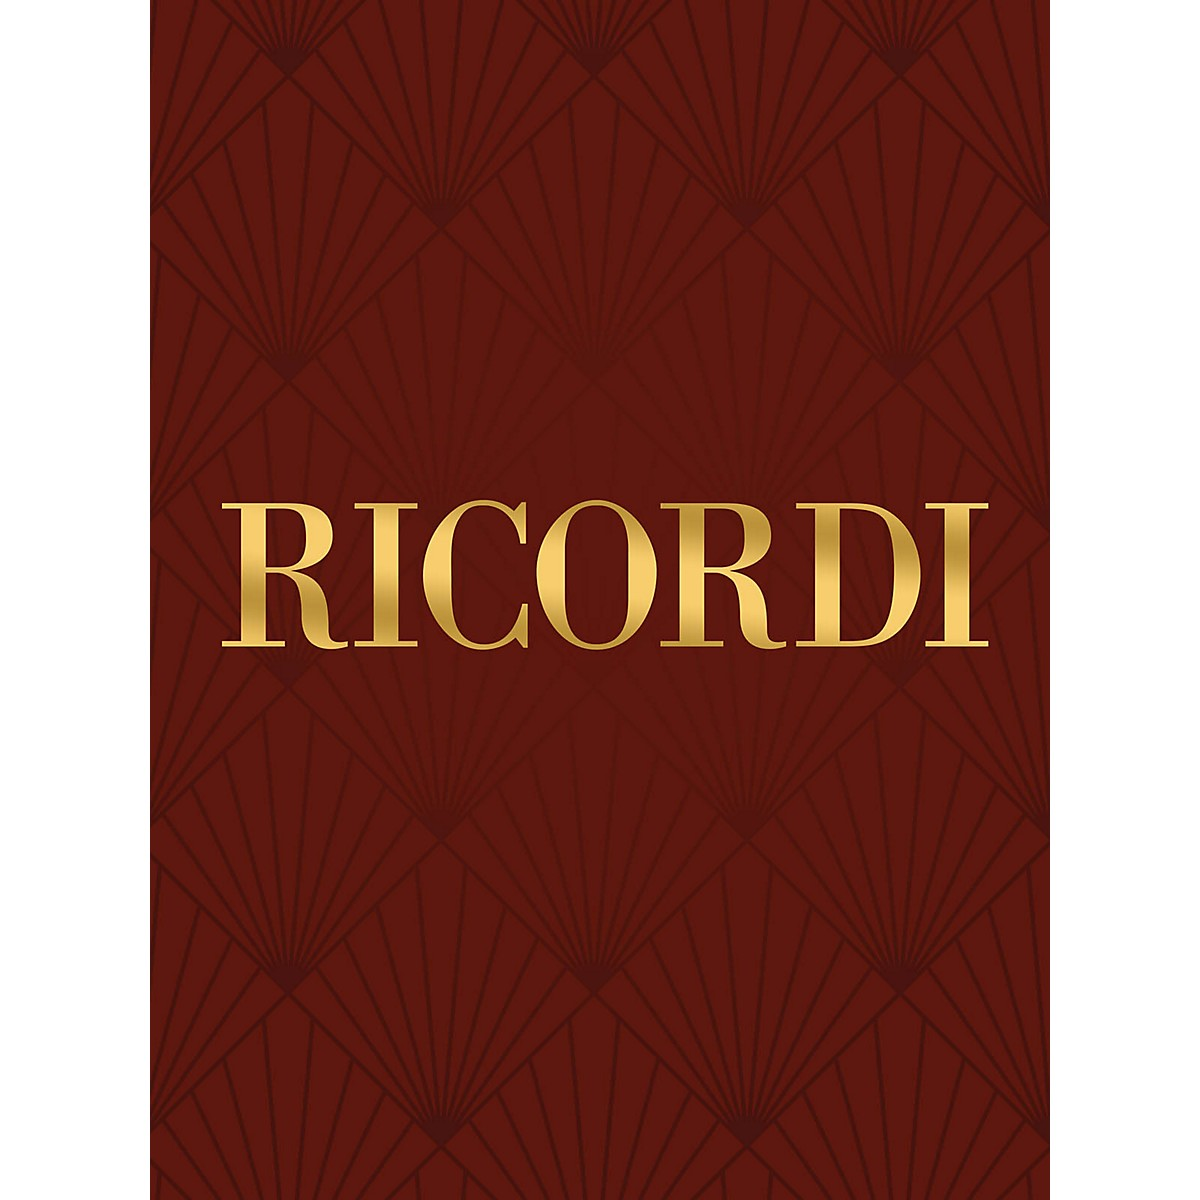 Ricordi Sì, sì, luci adorate RV666 Study Score Series Composed by Antonio Vivaldi Edited by Francesco Degrada